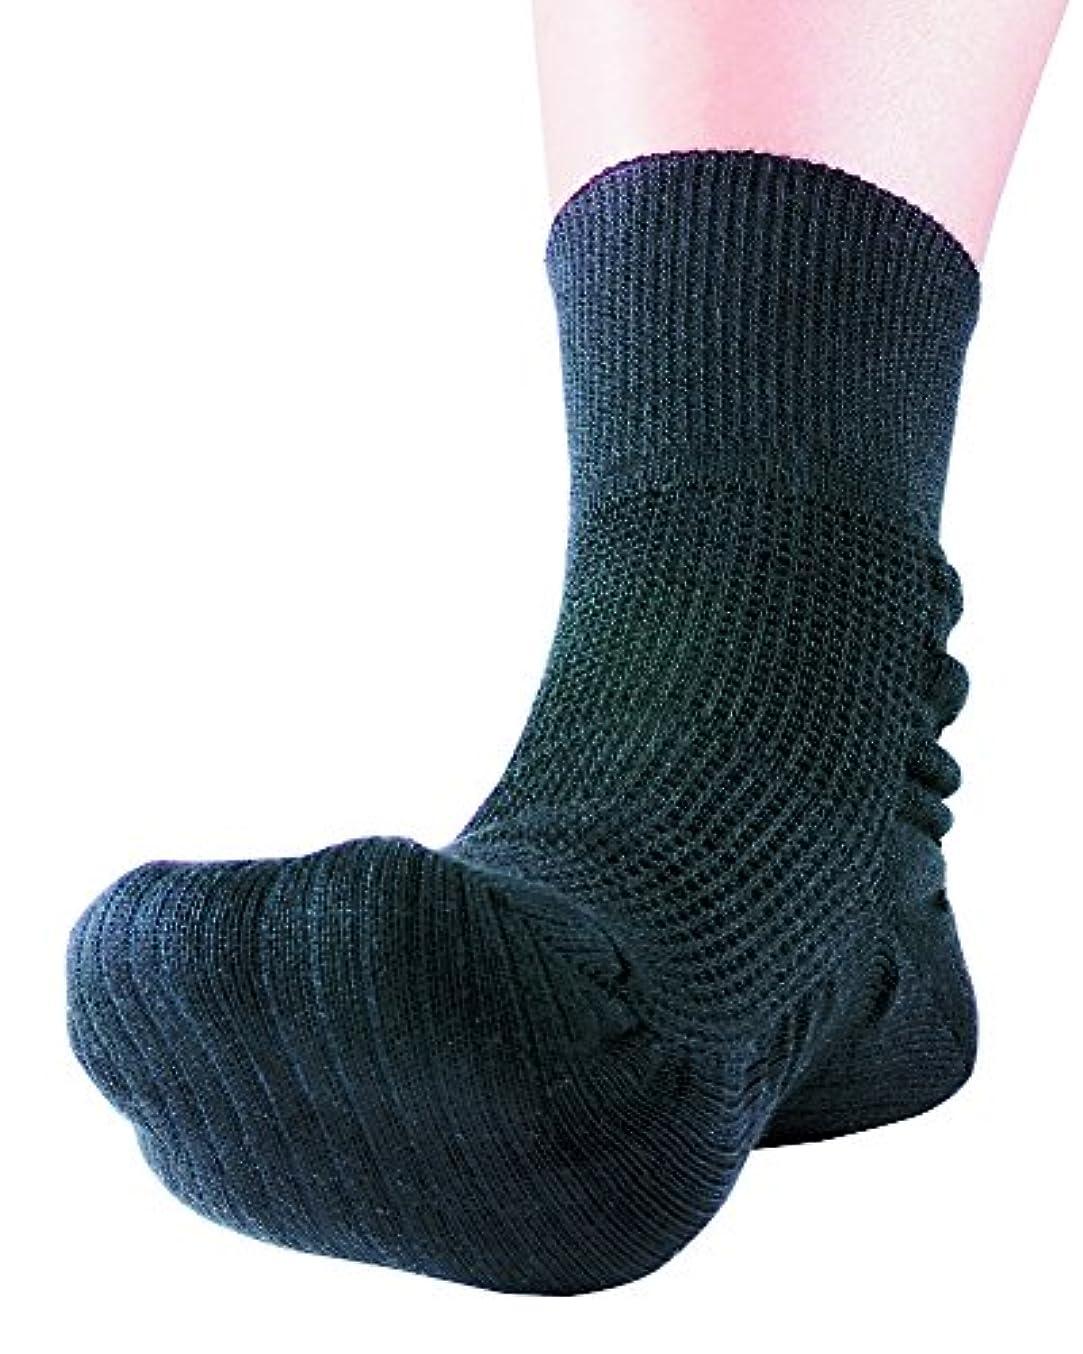 スポンジと遊ぶバーゲンつま先上がり足裏健康靴下 Lブラック